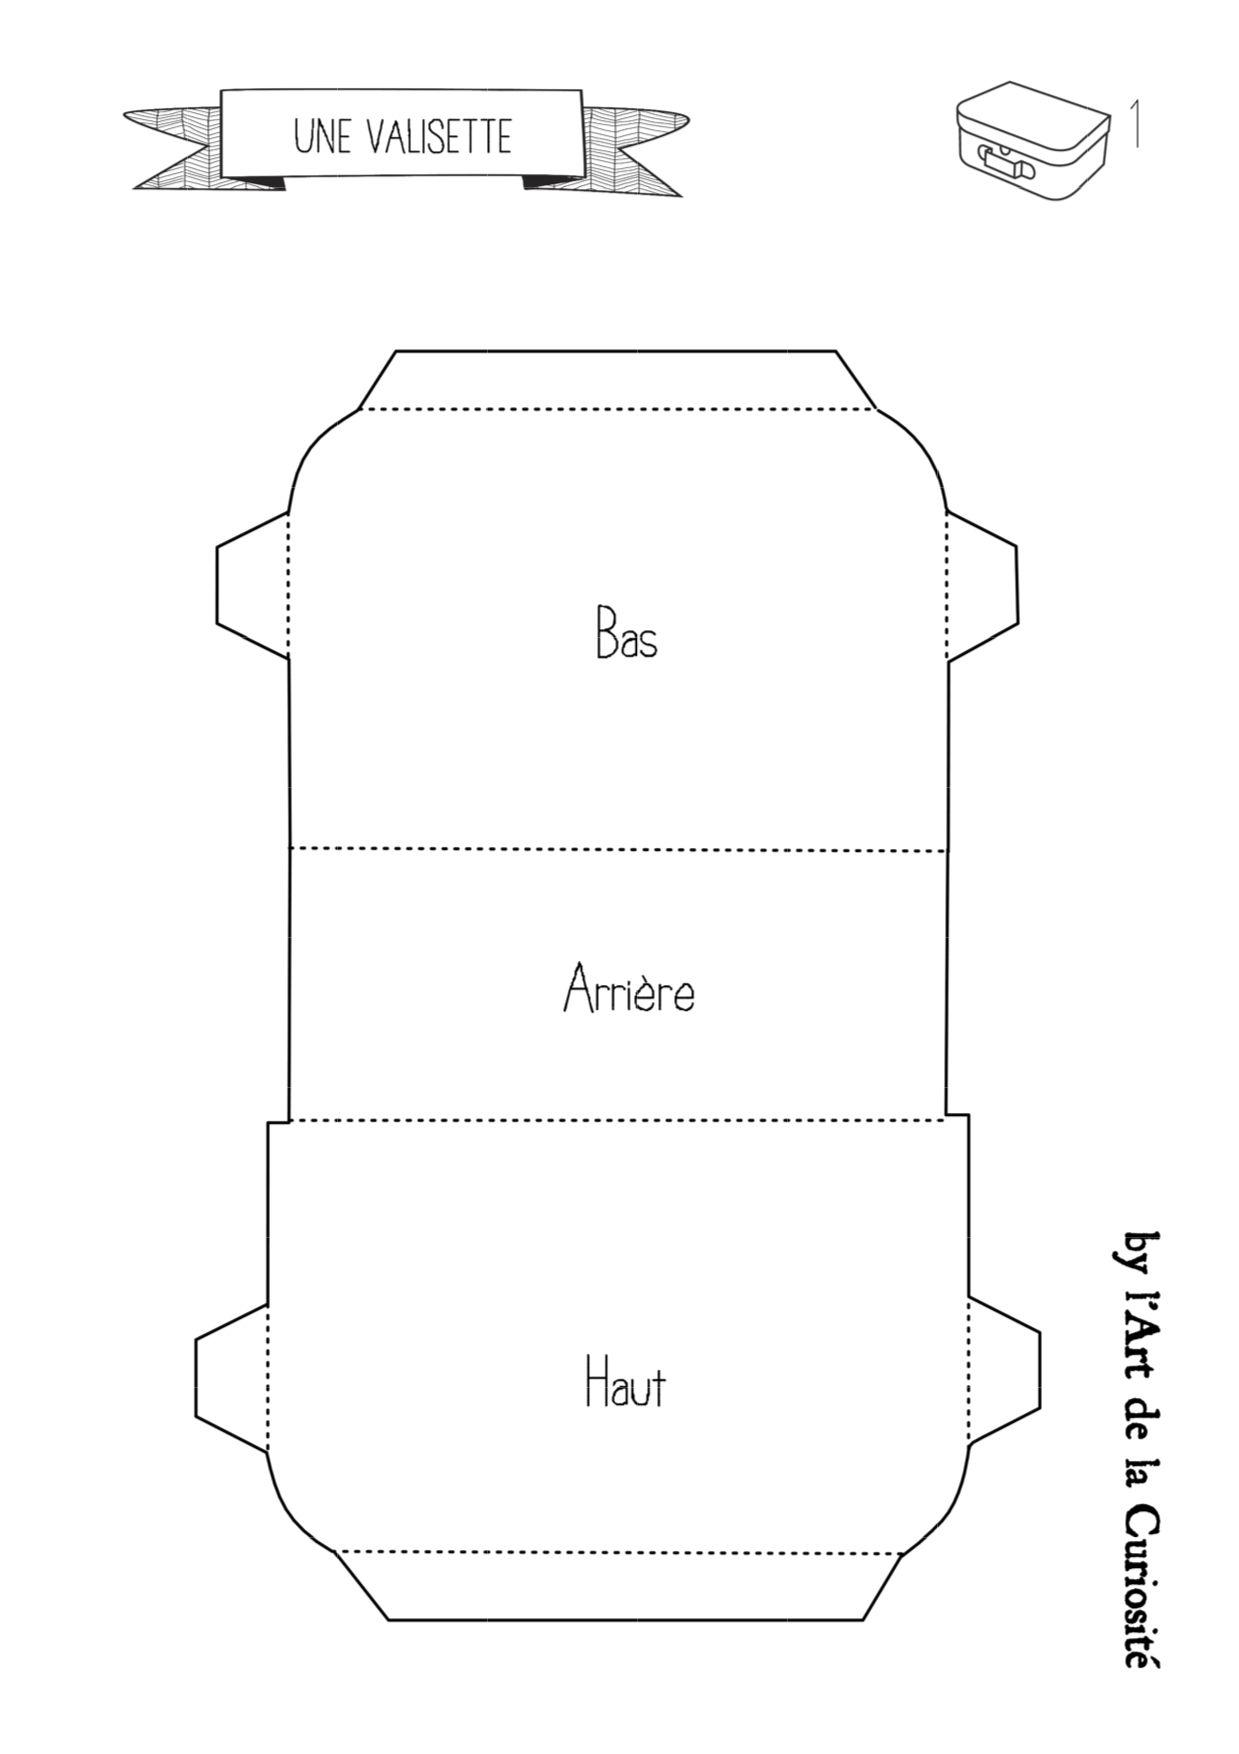 pour fabriquer une valisette en carton plan 1 du site   Wedding  Future  Pinte